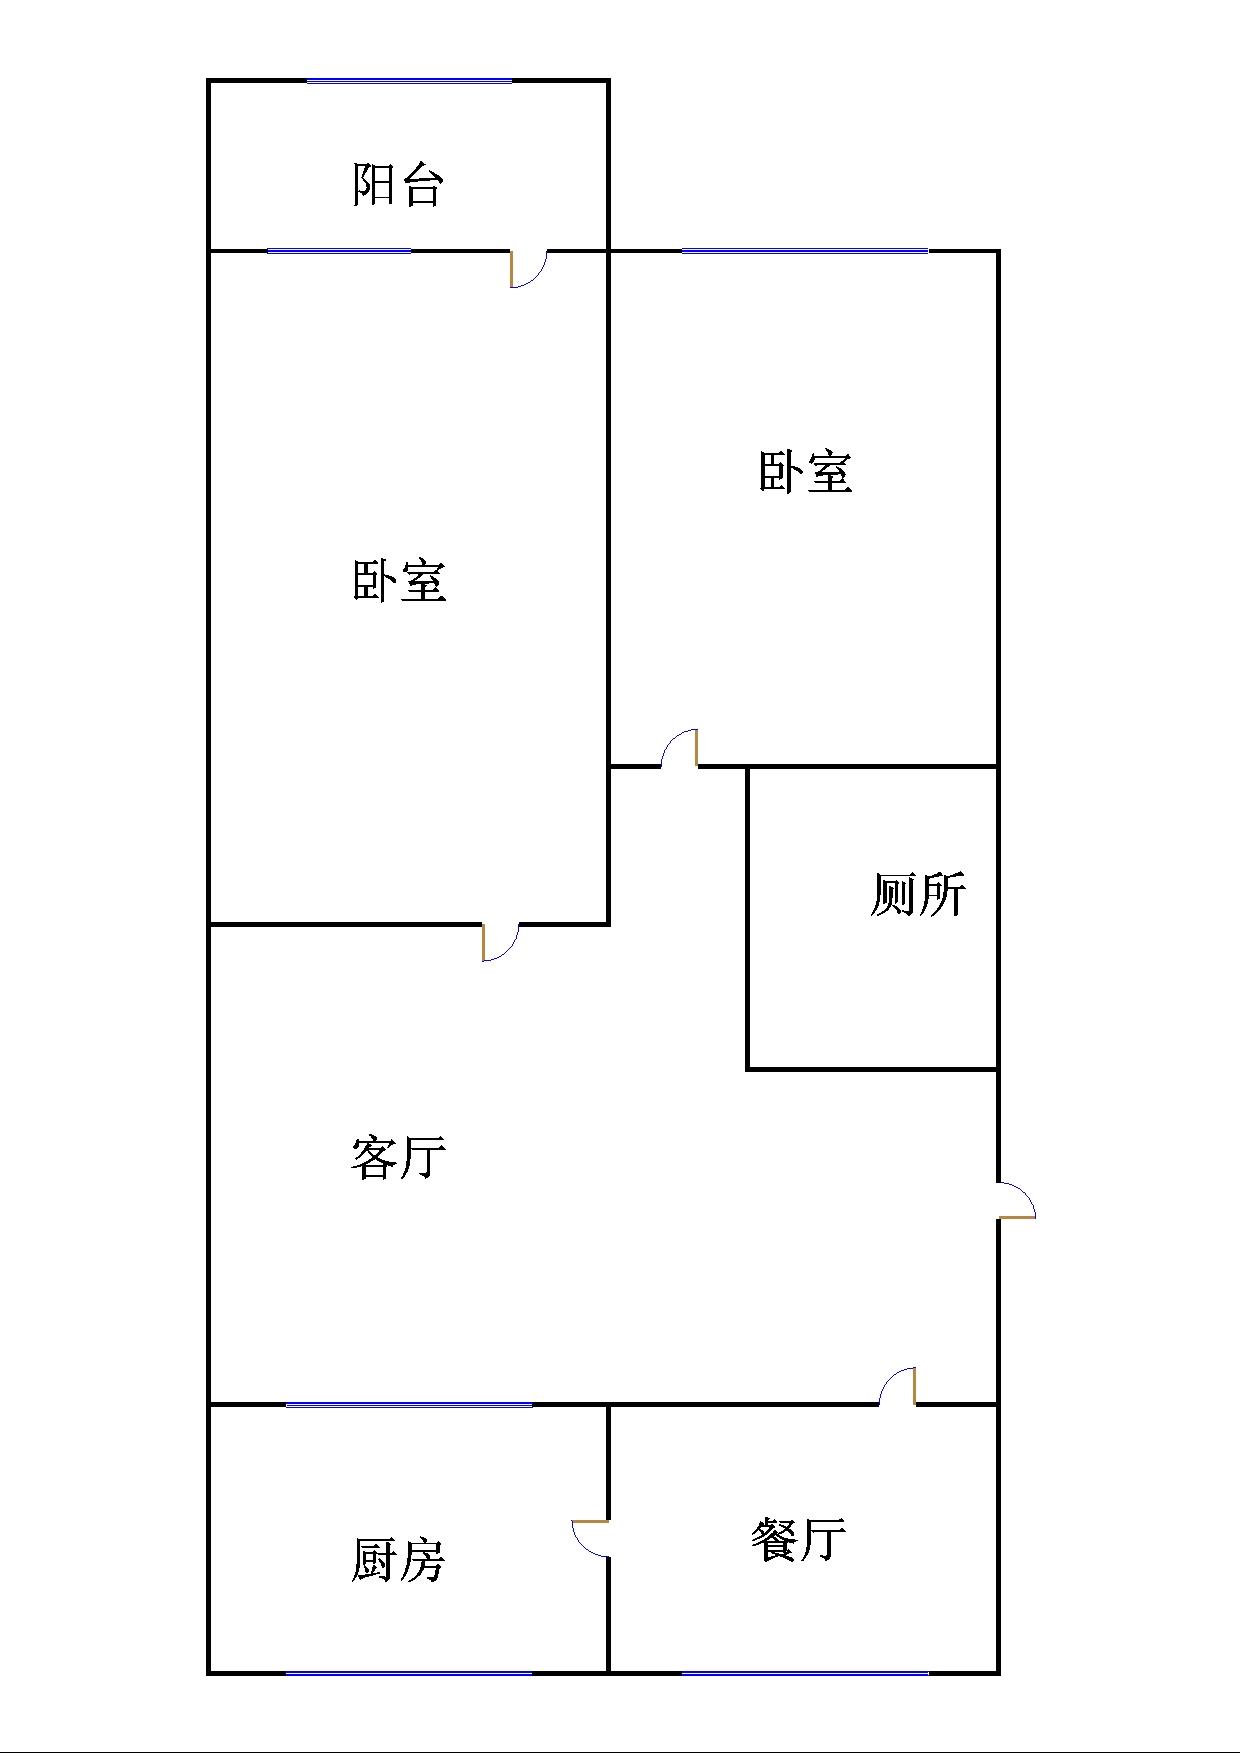 中泰尚居 2室2厅 双证齐全 简装 98万